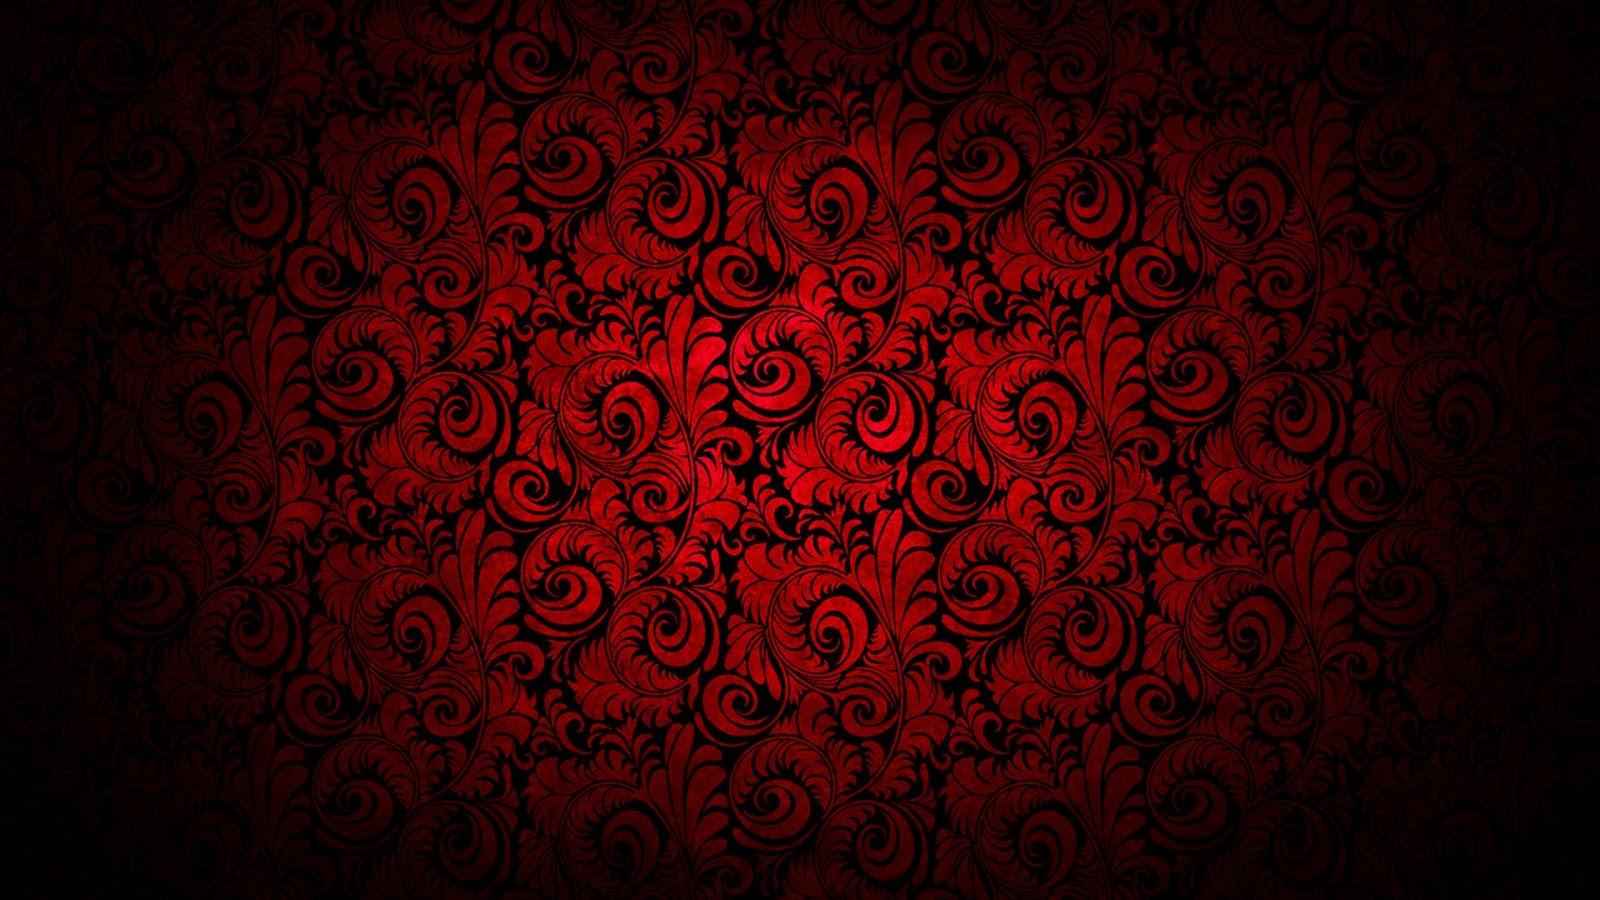 Stars hd cool wallpaper hd 1080p - Hd pattern wallpapers 1080p ...